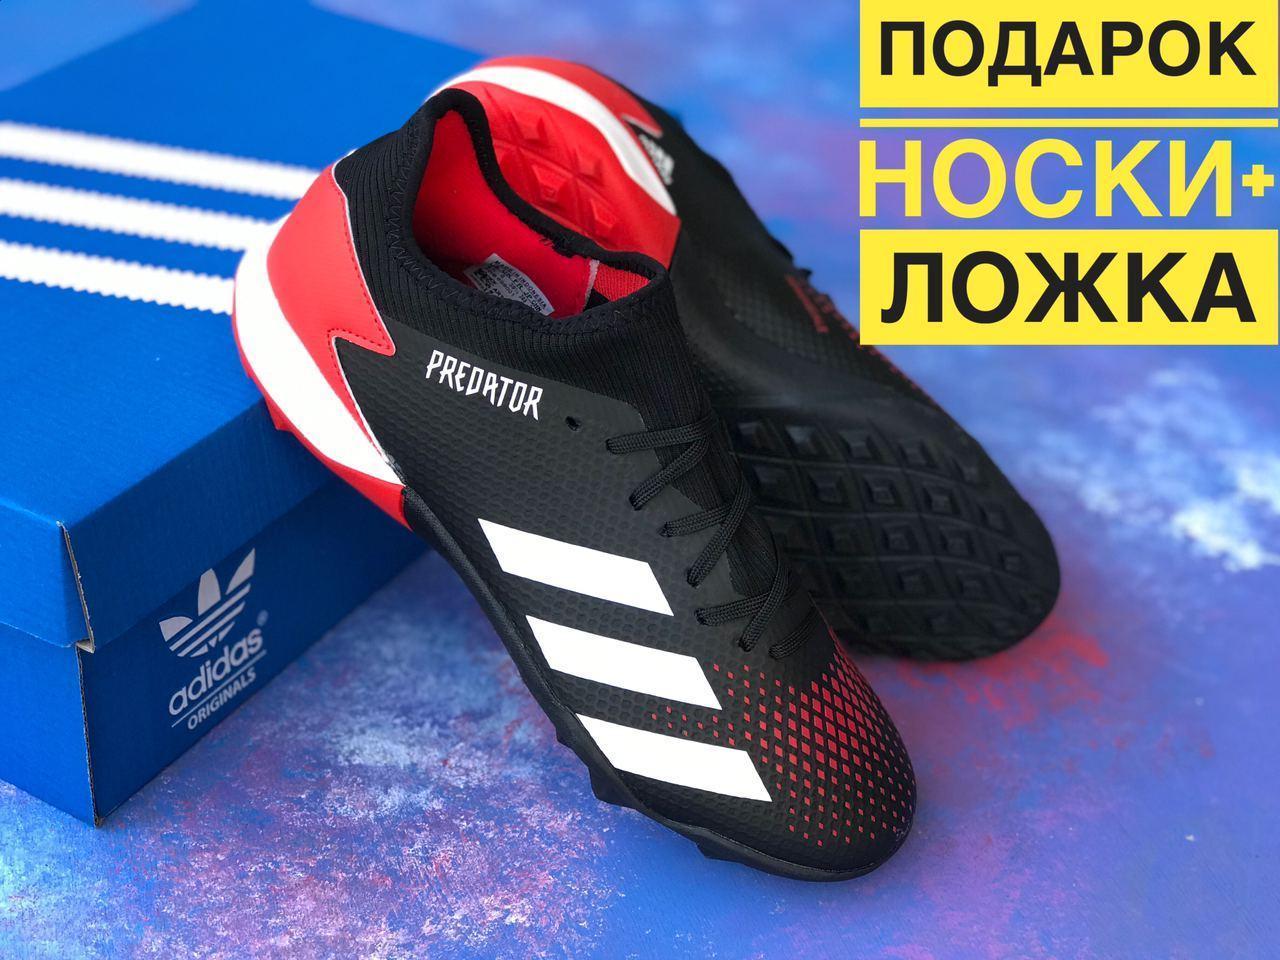 Сороконожки Adidas PREDATOR MUTATOR 20.3 футбольная обувь адидас предаторы многошиповки